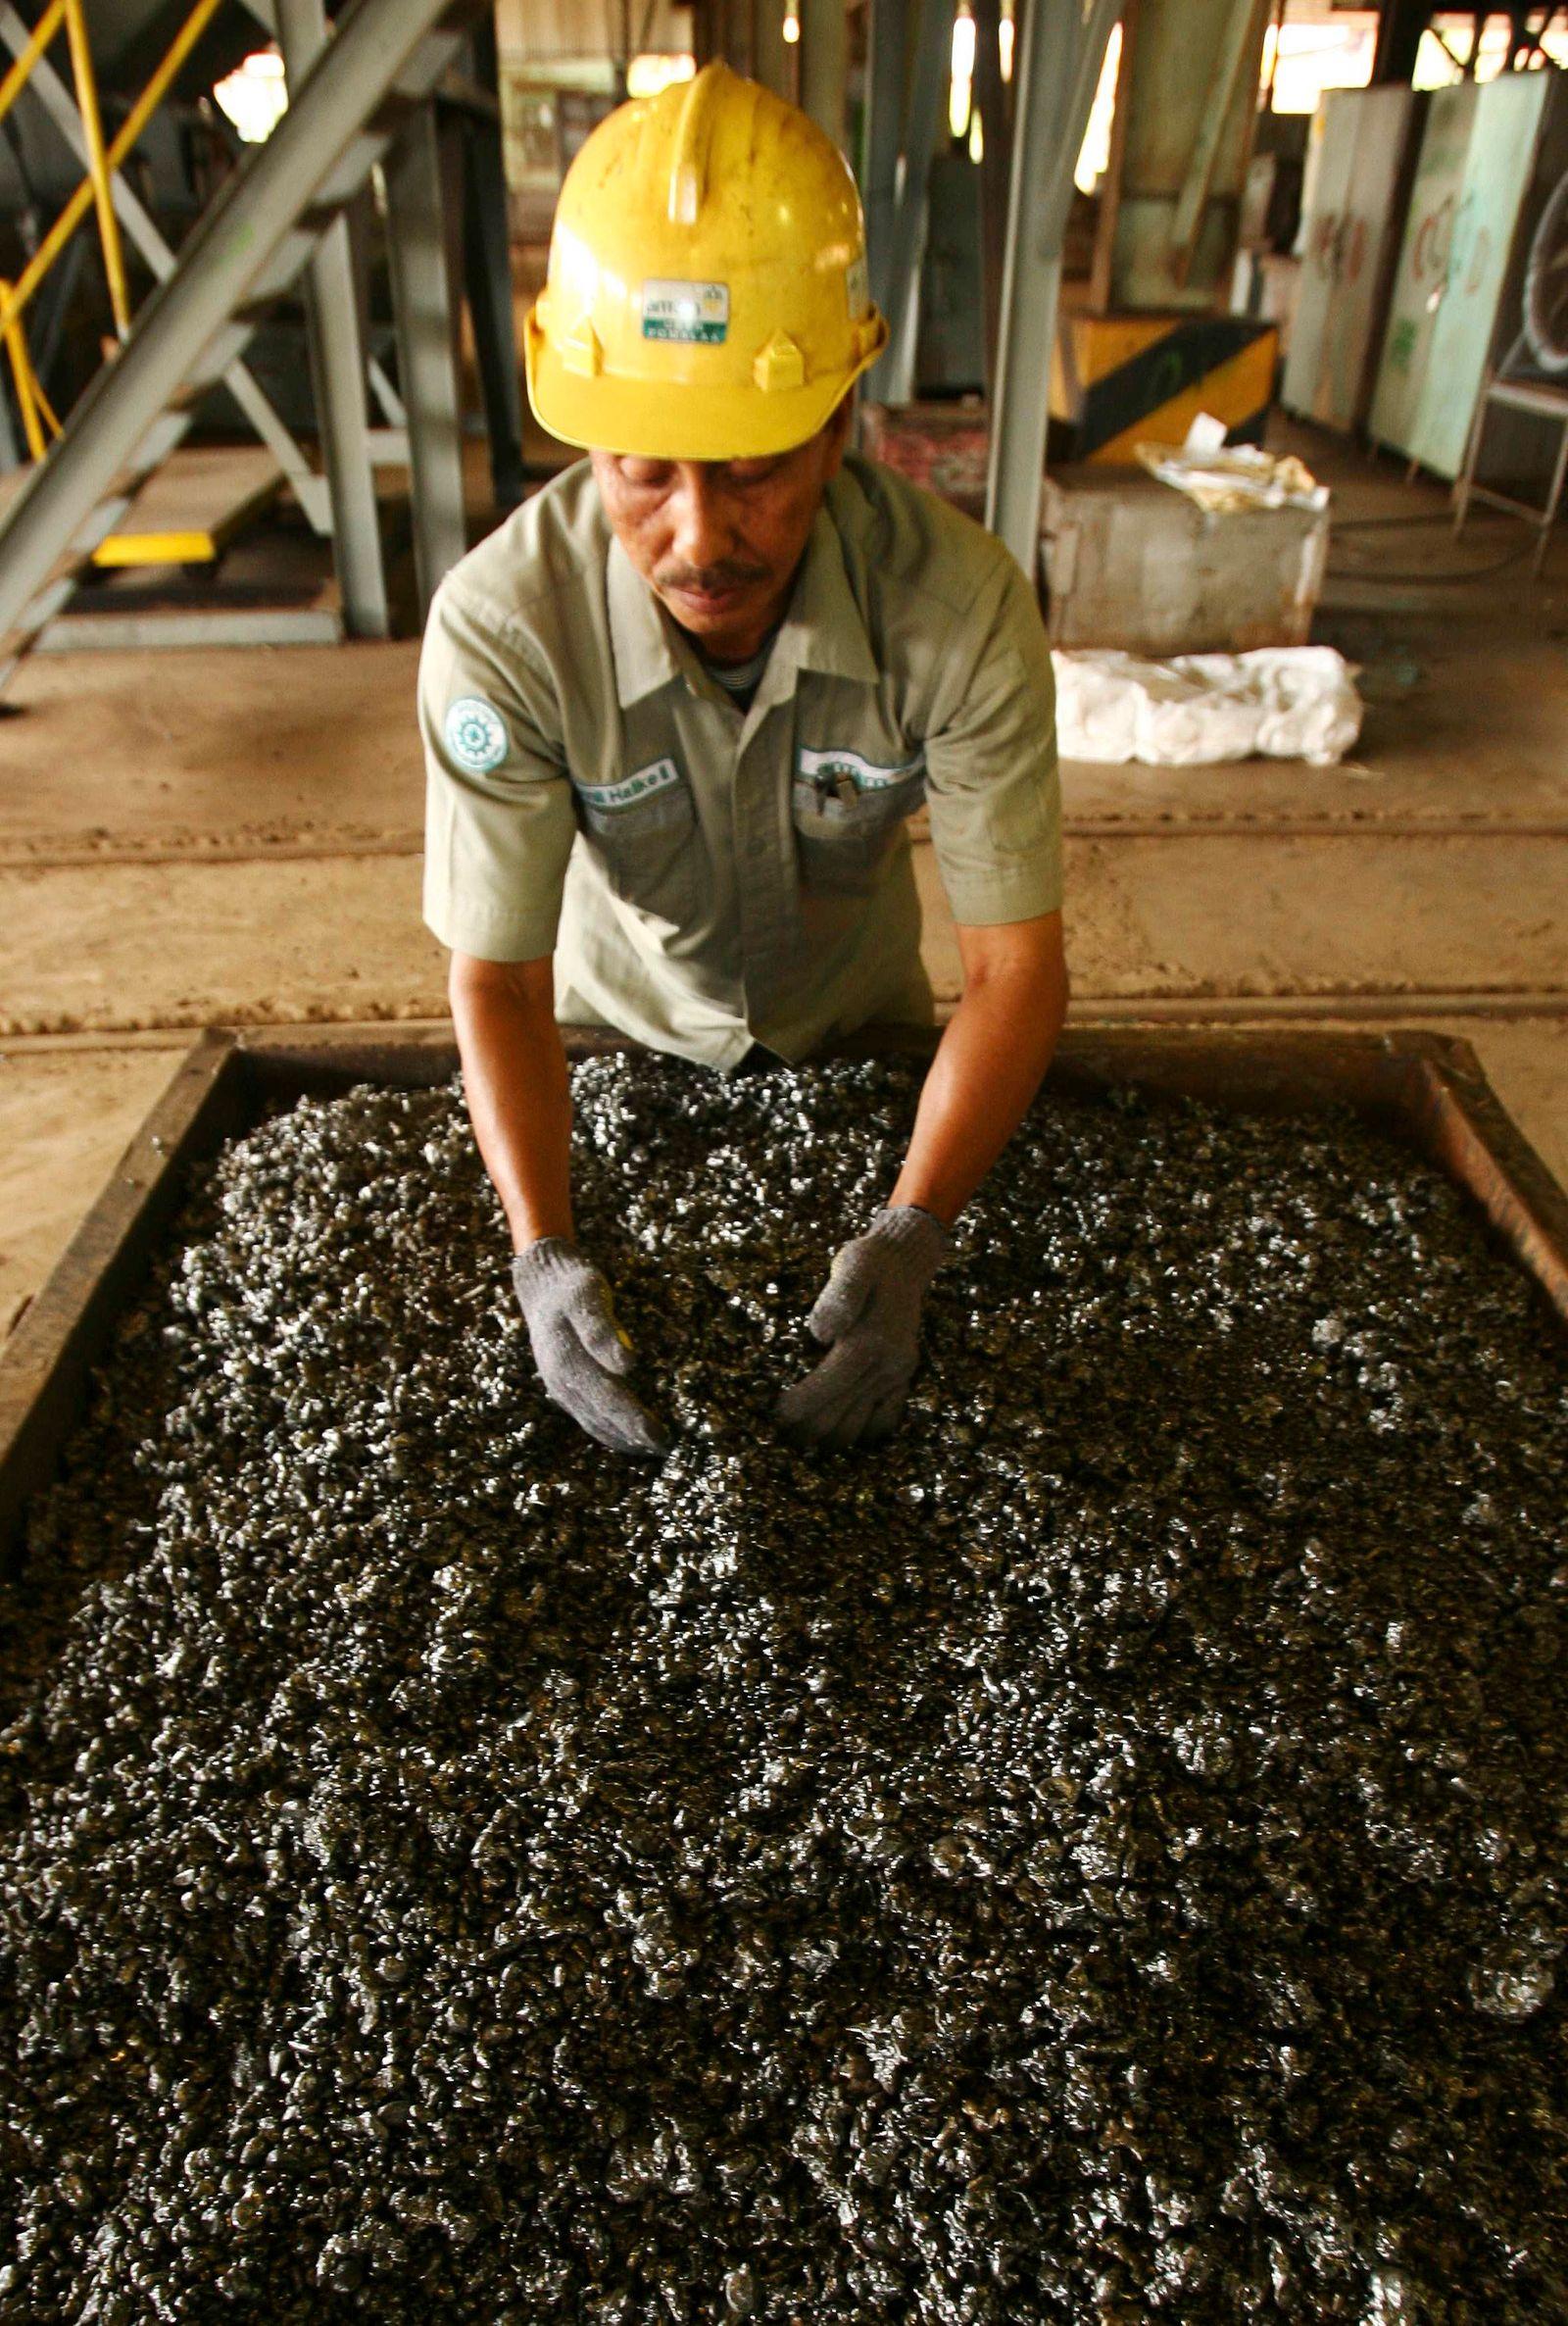 Nickel / Indonesien / Arbeiter / Rohstoffe